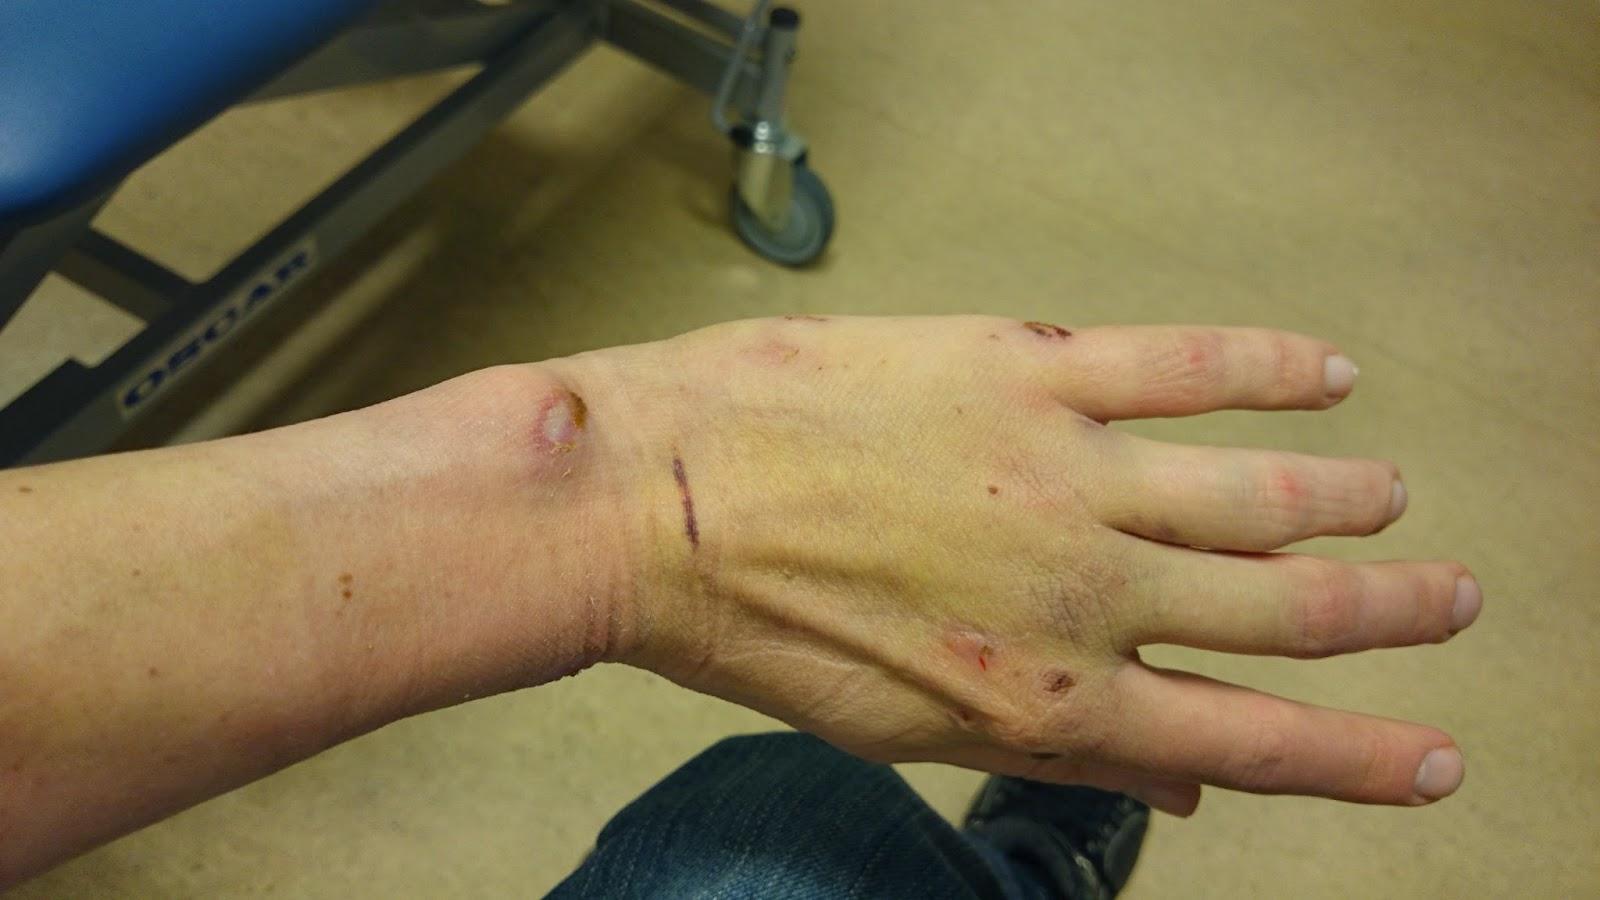 varför får man blåmärken utan anledning